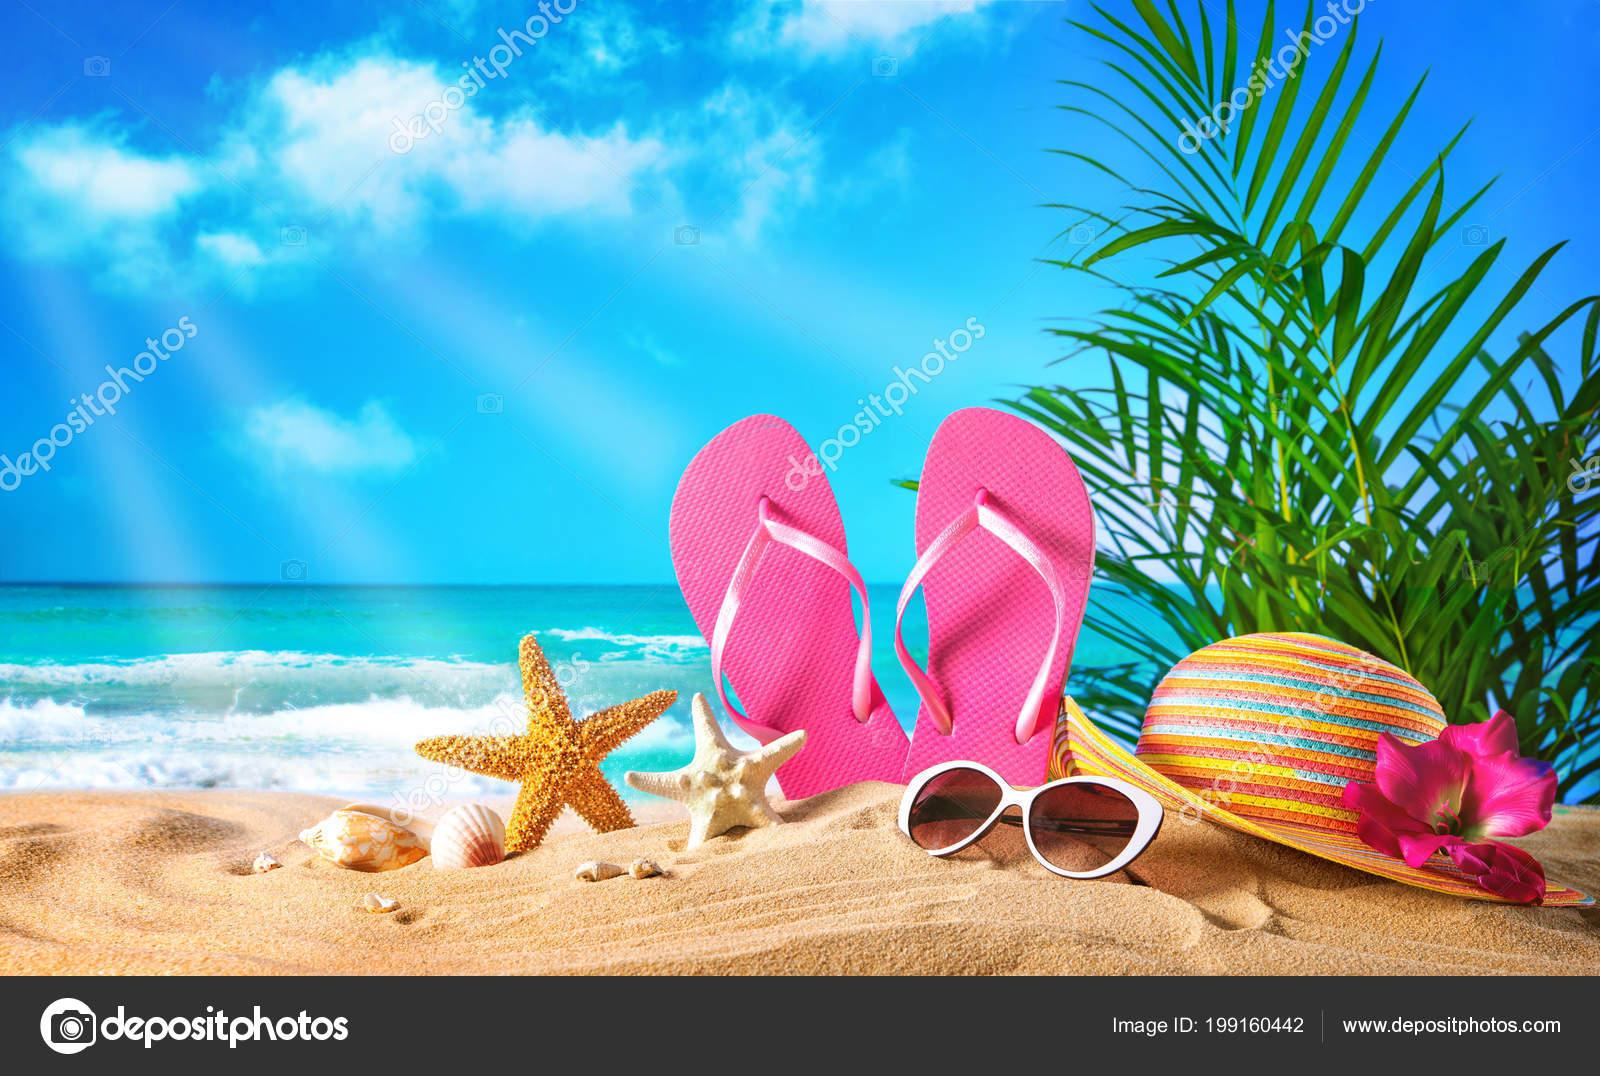 Imágenes Del Verano Sombrero Paja Gafas Sol Playa Concepto